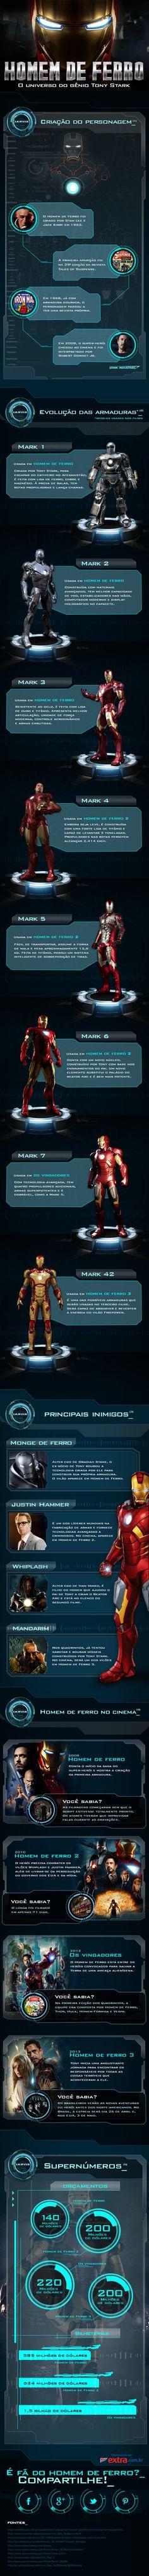 Infográfico – Homem de Ferro - O universo do gênio Tony Stark